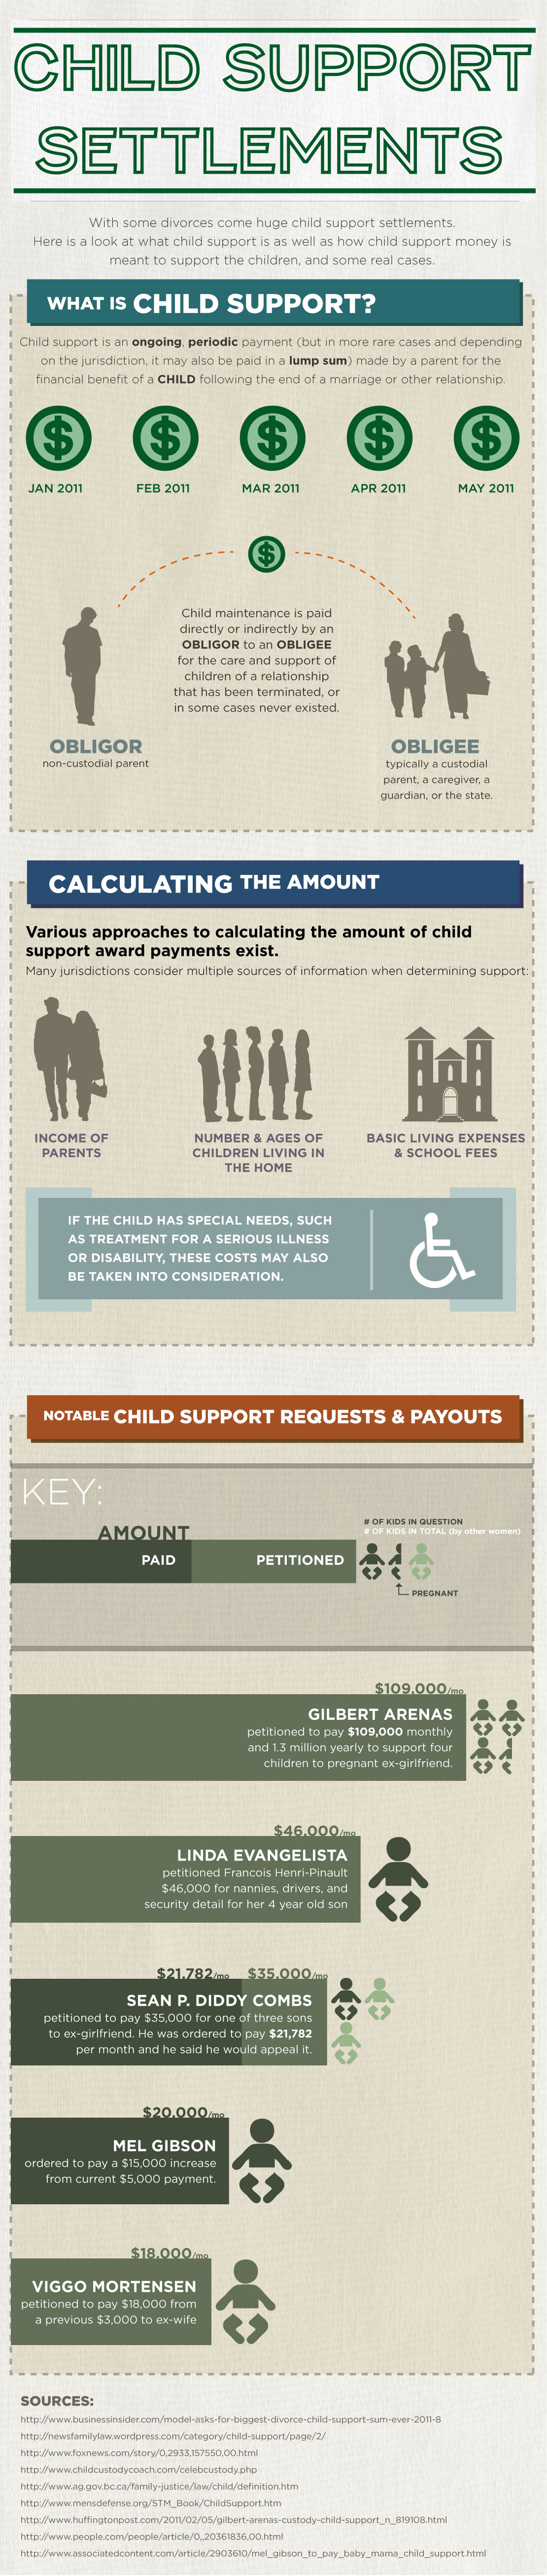 Child Support after divorce